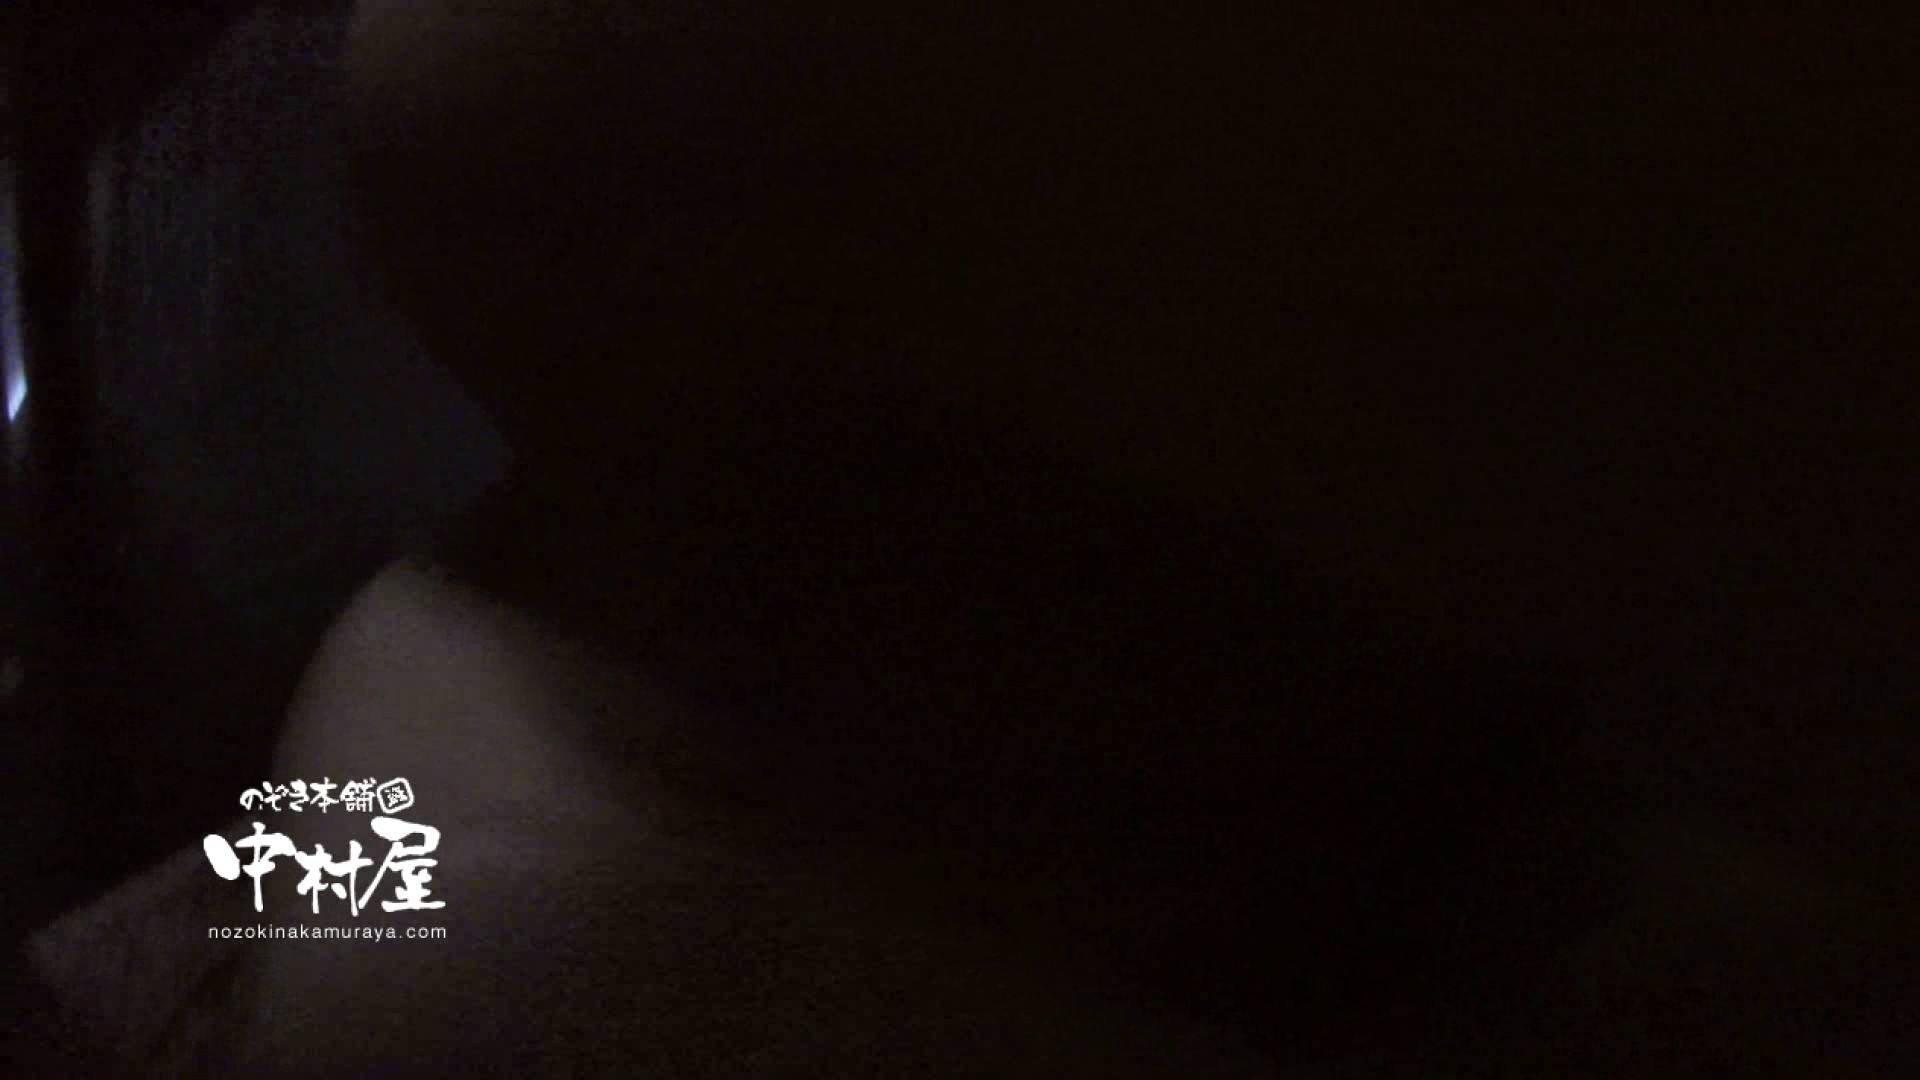 鬼畜 vol.10 あぁ無情…中出しパイパン! 前編 中出し | 鬼畜  106pic 69